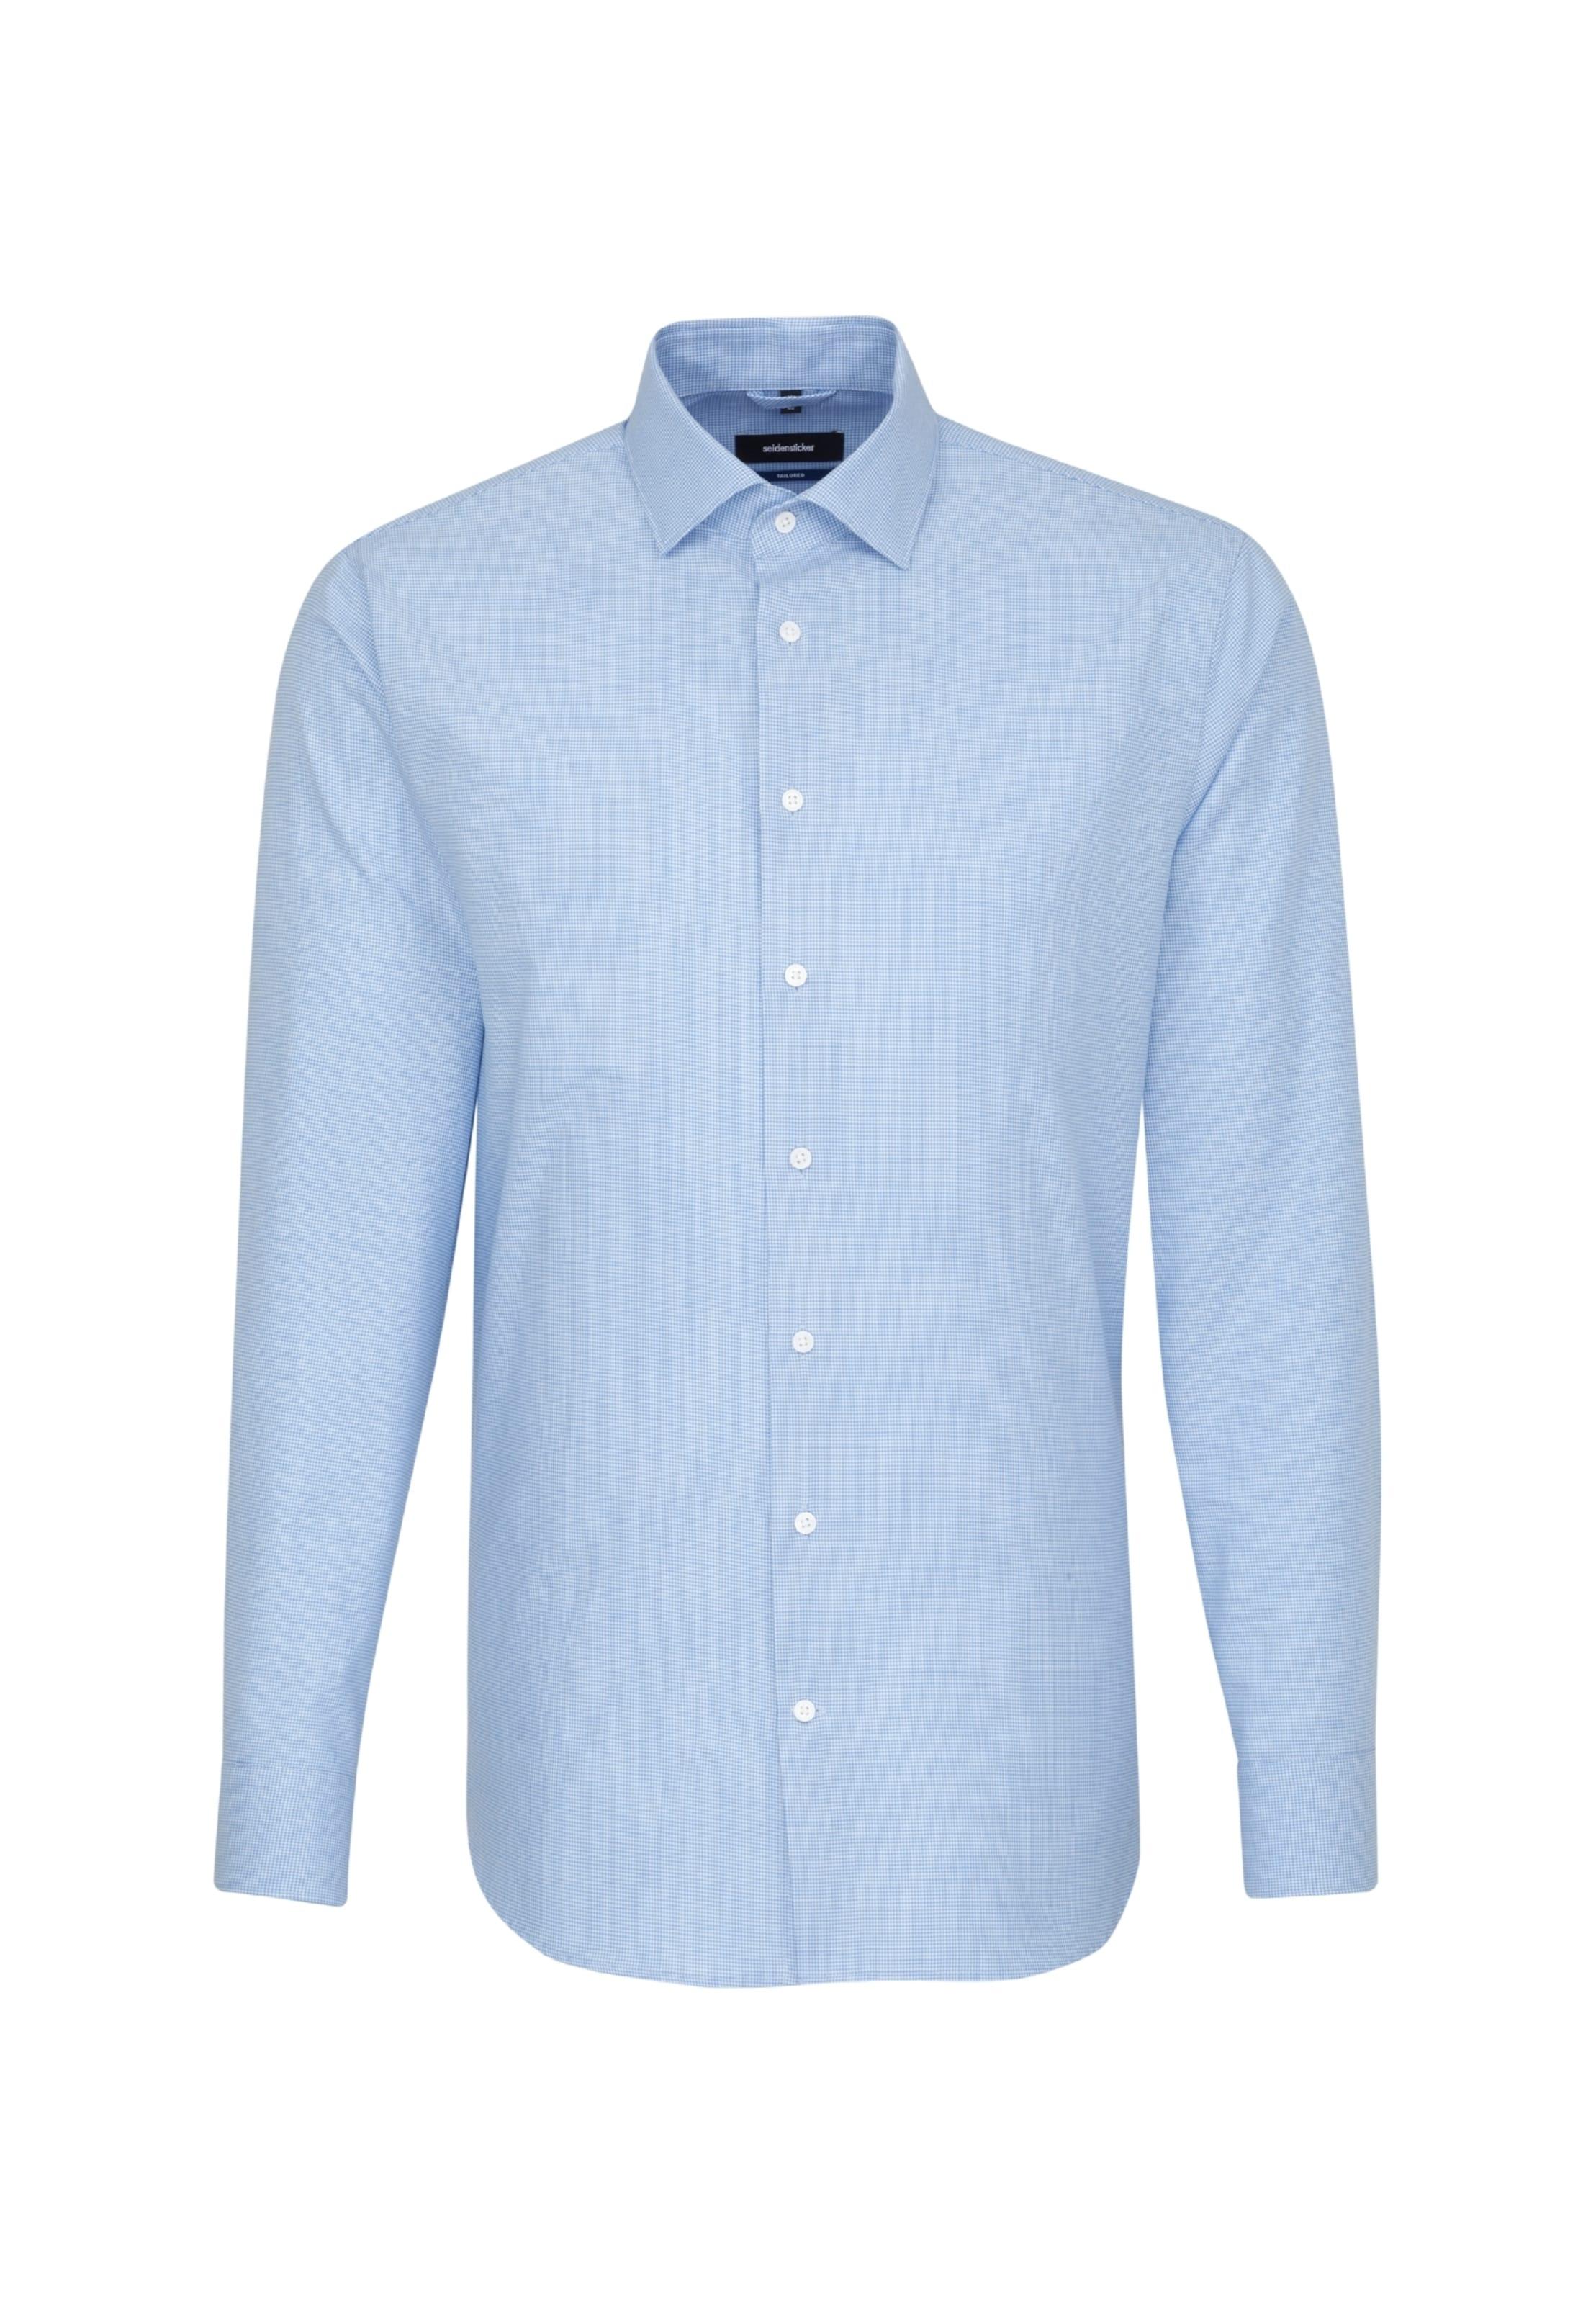 HellblauWeiß Seidensticker HellblauWeiß Hemd Hemd Seidensticker Hemd In In In Seidensticker HellblauWeiß thBrCdxQso